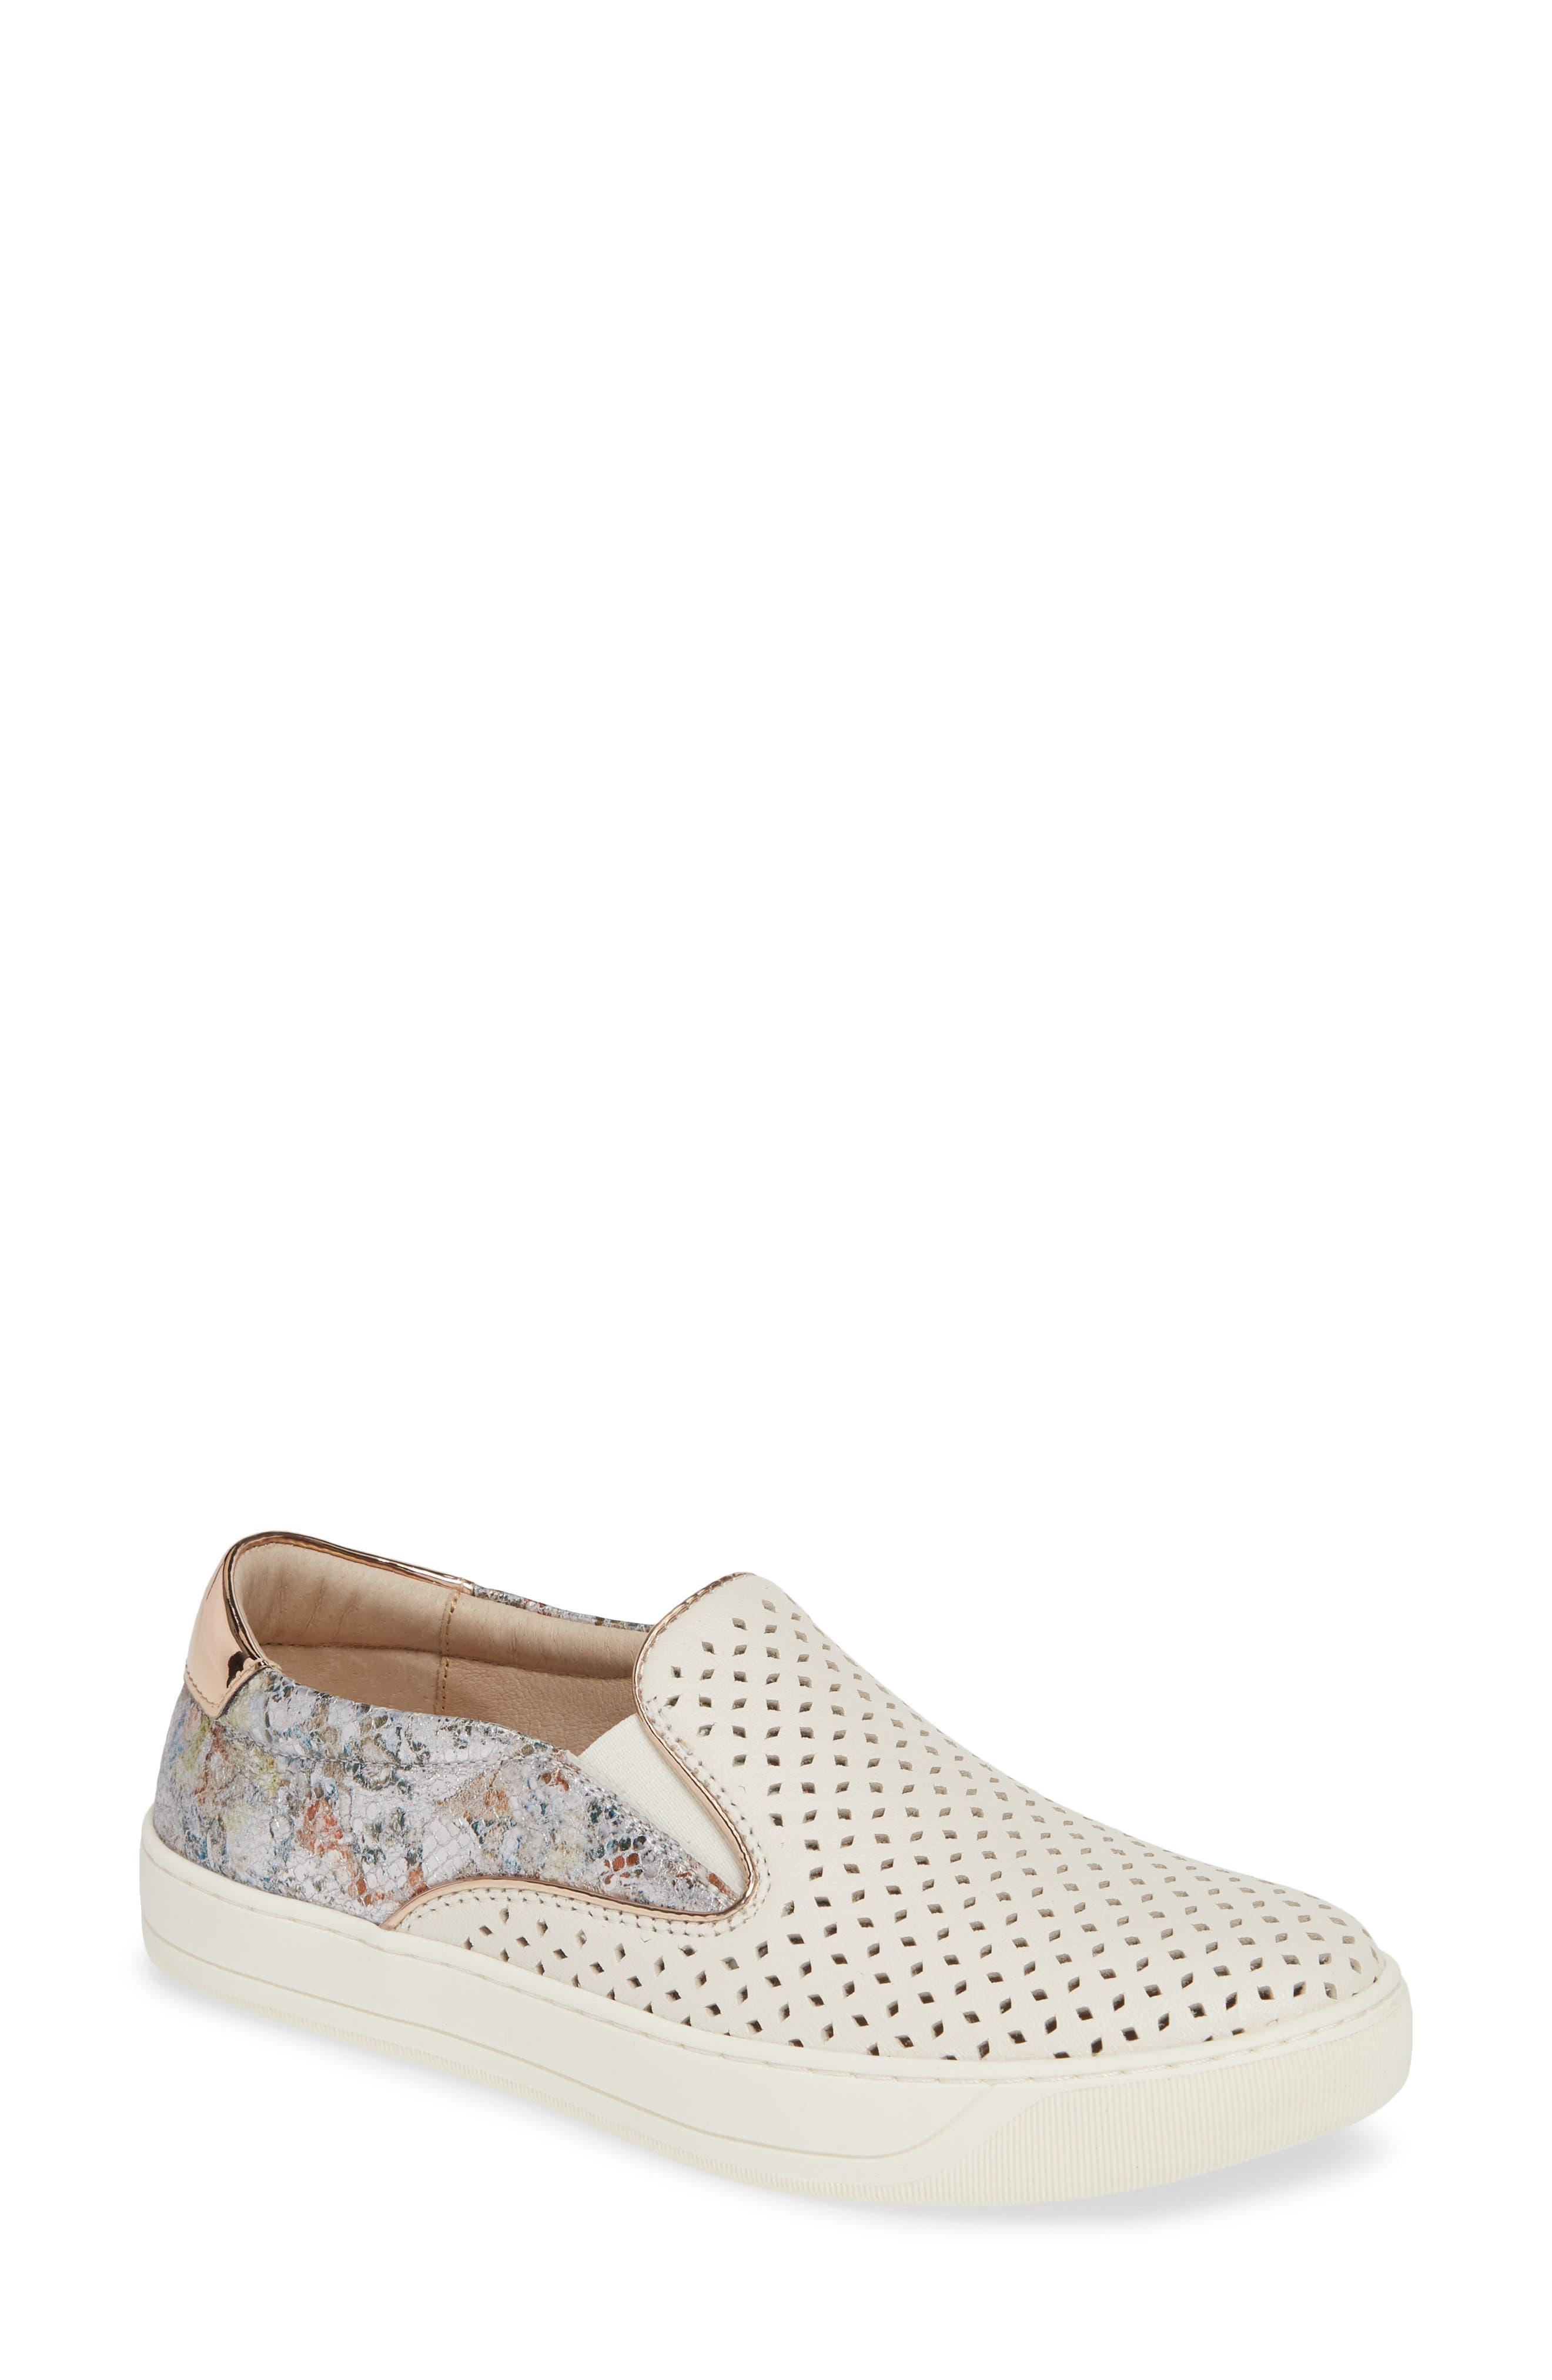 Johnston & Murphy Elaine Perforated Slip-On Sneaker, White